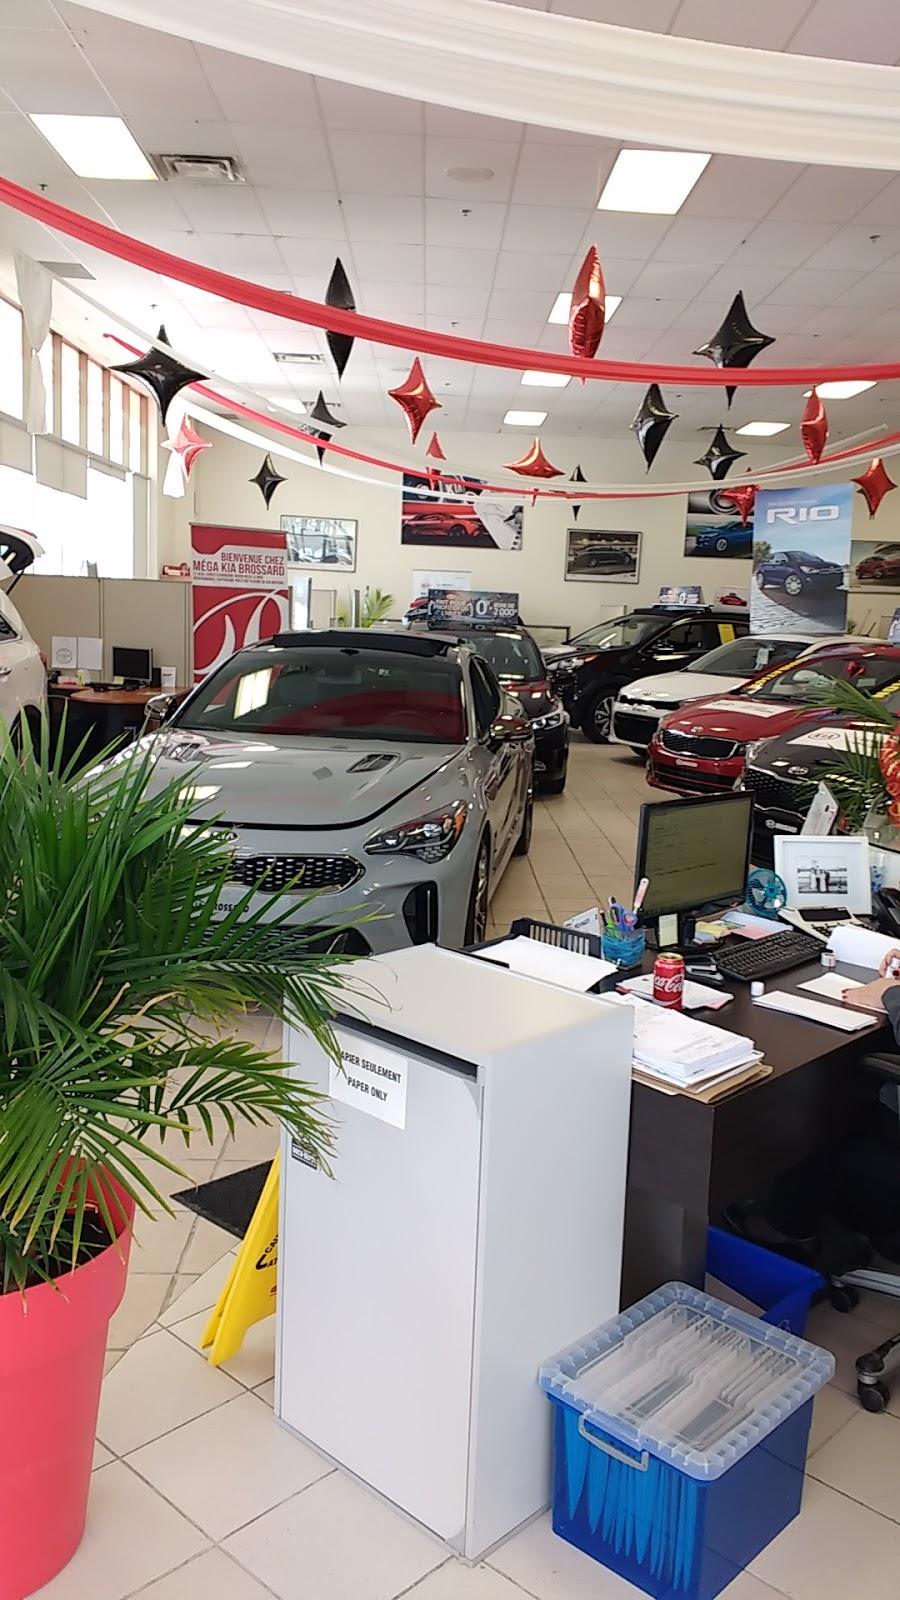 Mega Kia Brossard >> Mega Kia Brossard Car Dealer 8650 Boulevard Taschereau Brossard